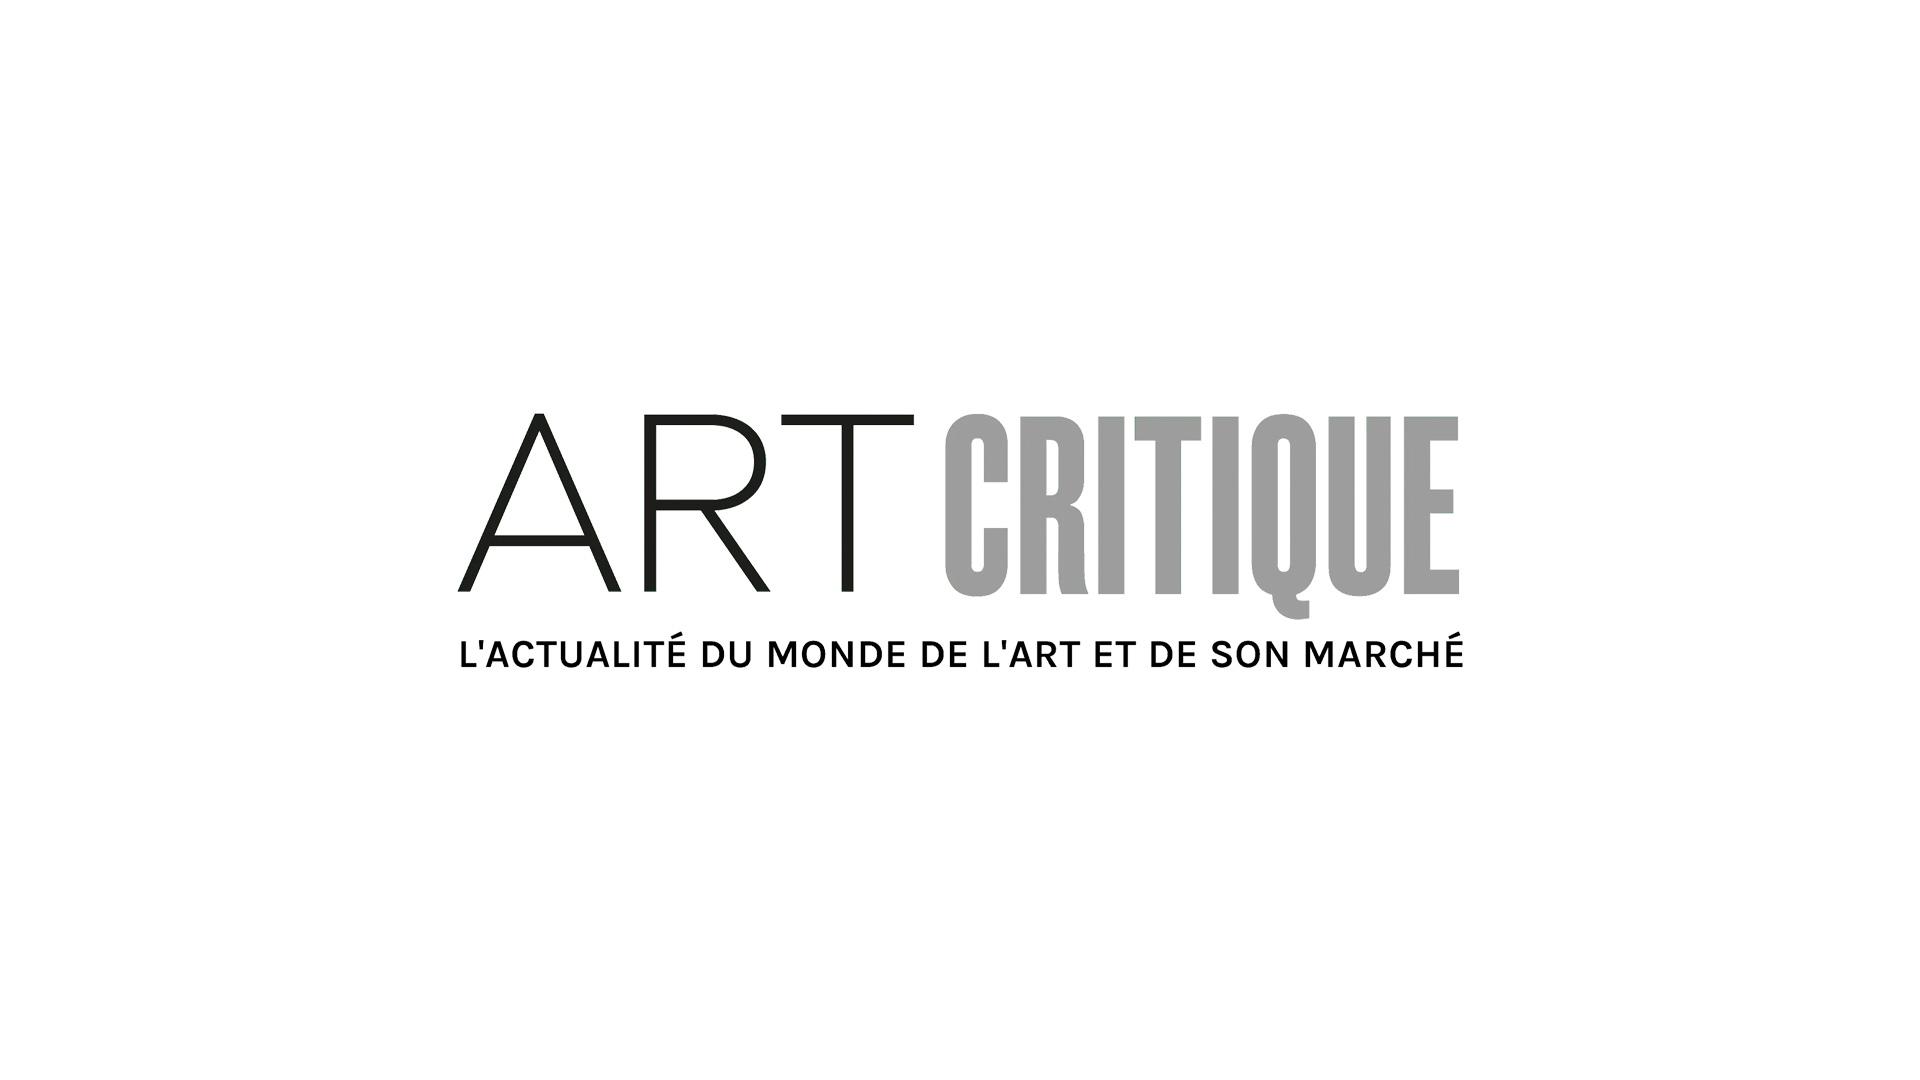 Le Trophée Jules Verne s'expose à Brest